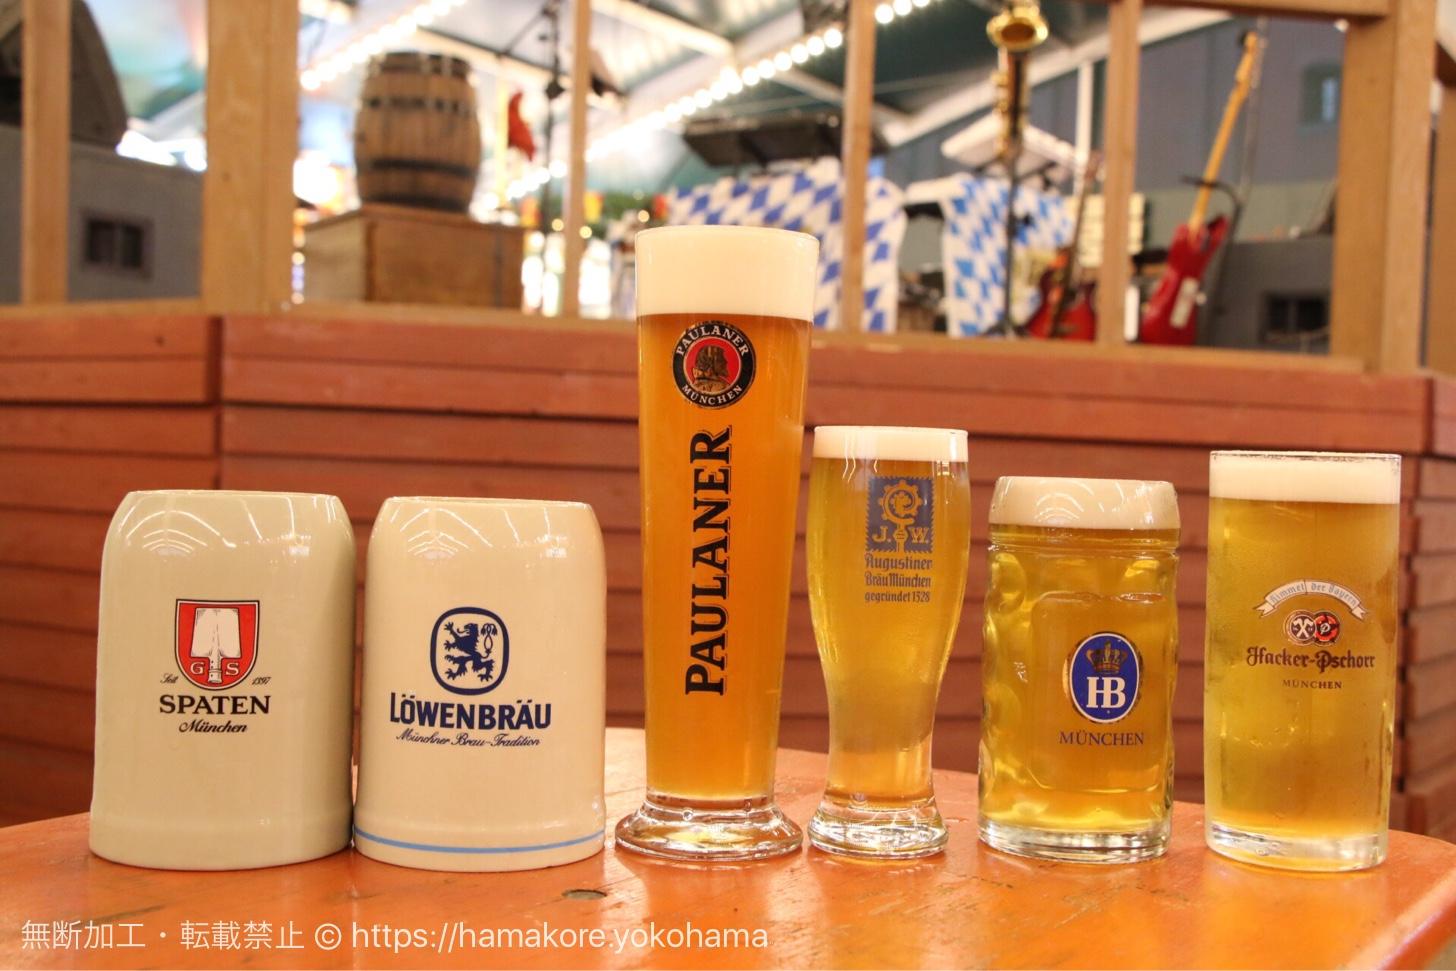 横浜赤レンガ「横浜オクトーバーフェスト 2017」開催中!ビール140種以上・お洒落な会場も新設